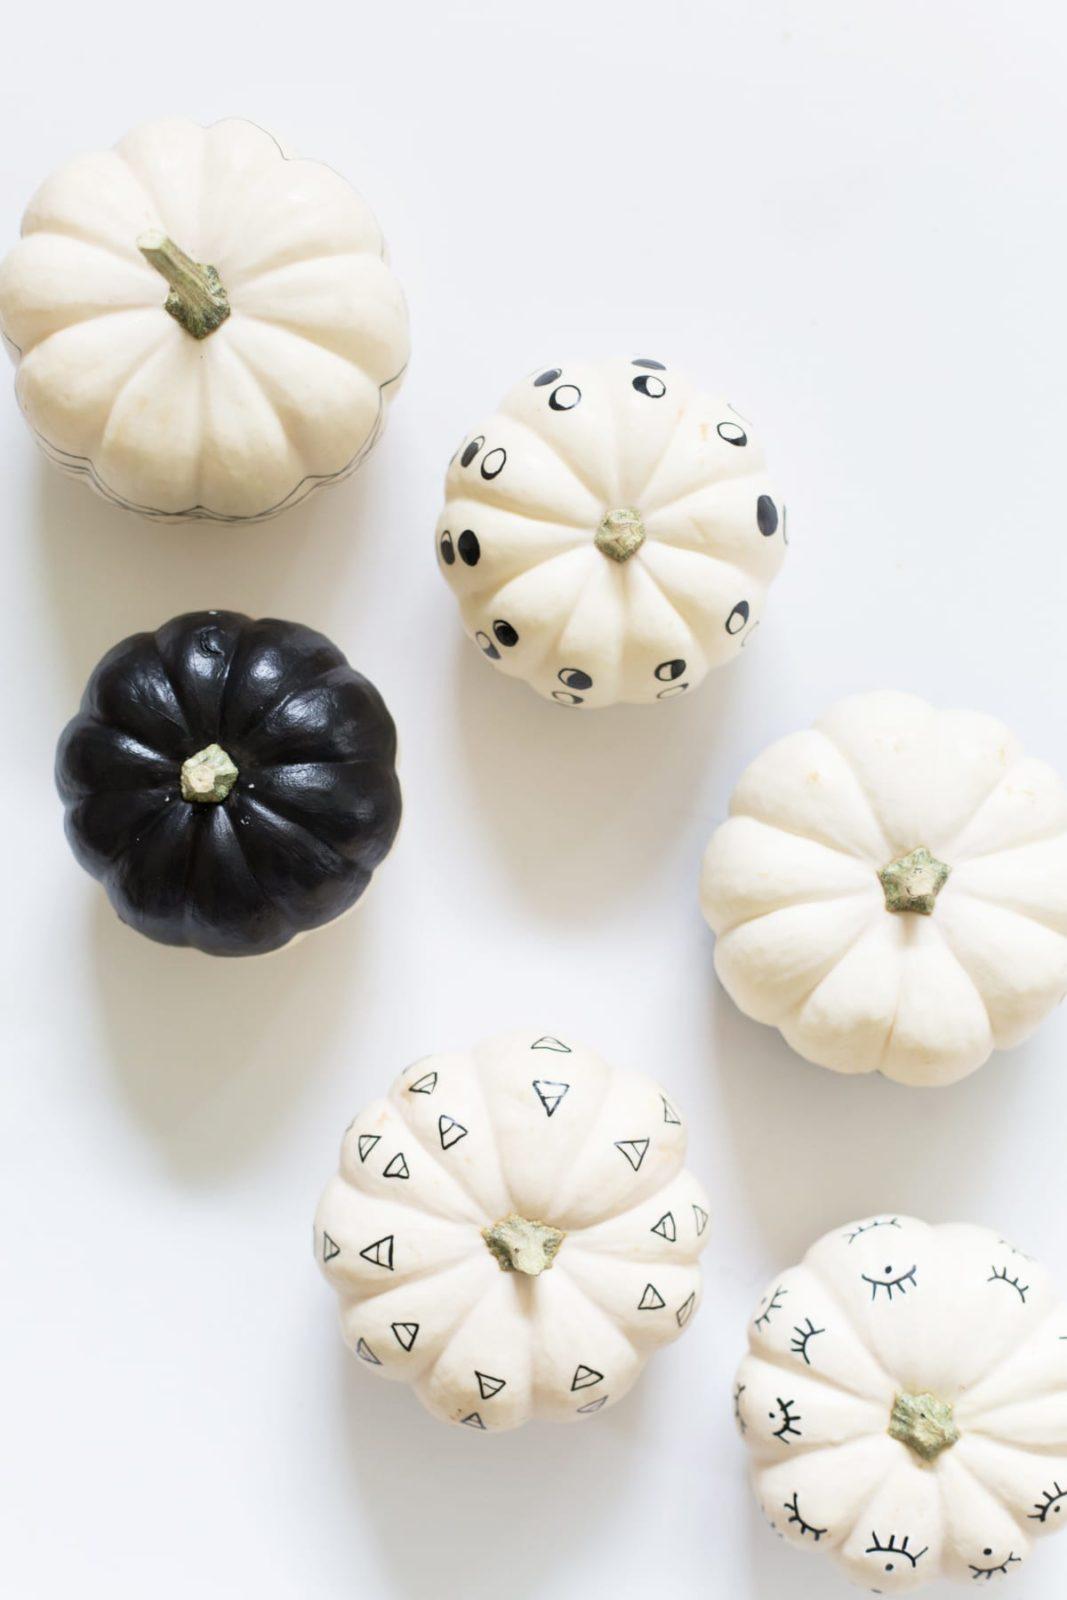 DIY Paint Pen Patterned No-Carve Pumpkins